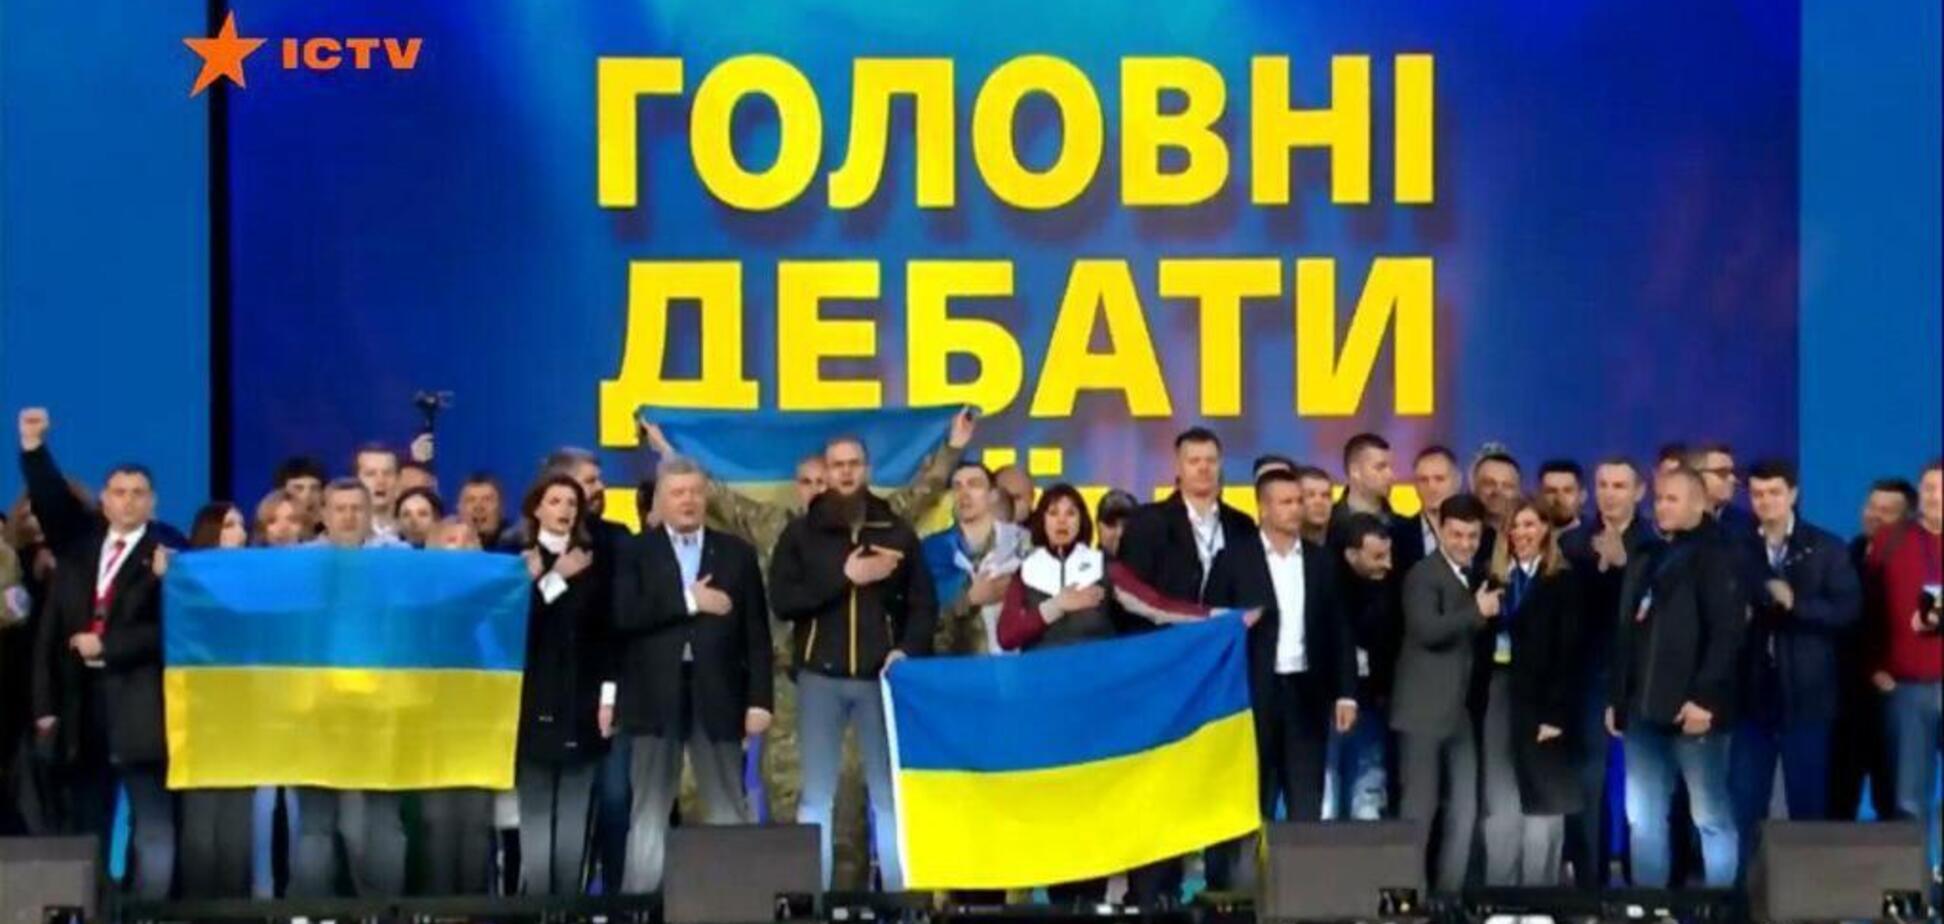 Дебаты Зеленского и Порошенко: к чему оскорбления оппонента?